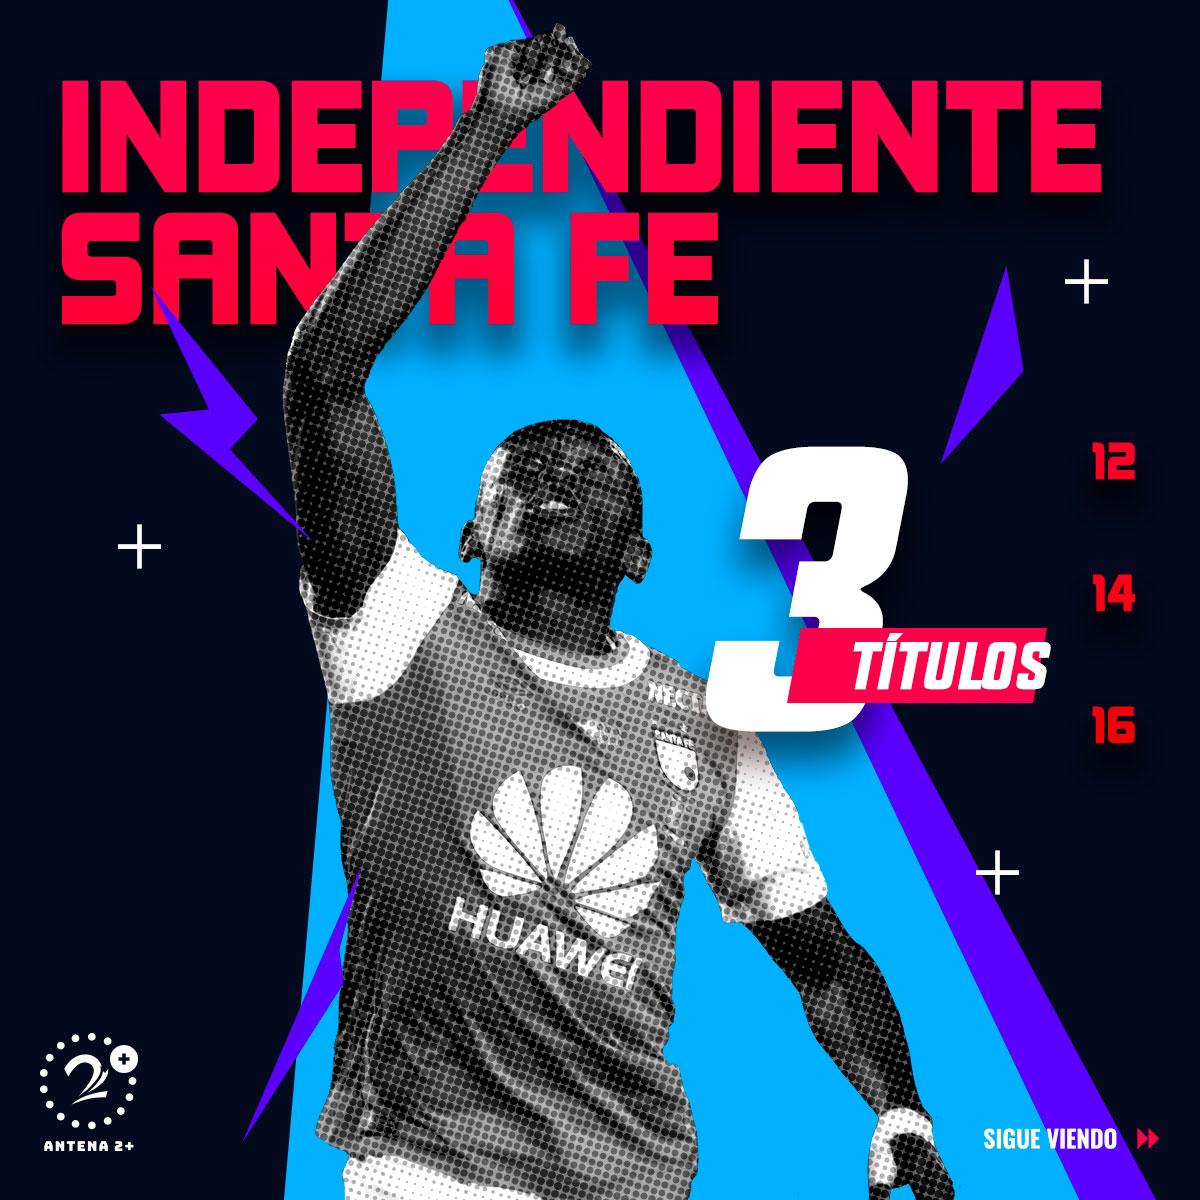 Independiente Santa Fe, campeón en tres ocasiones a nivel de torneos cortos